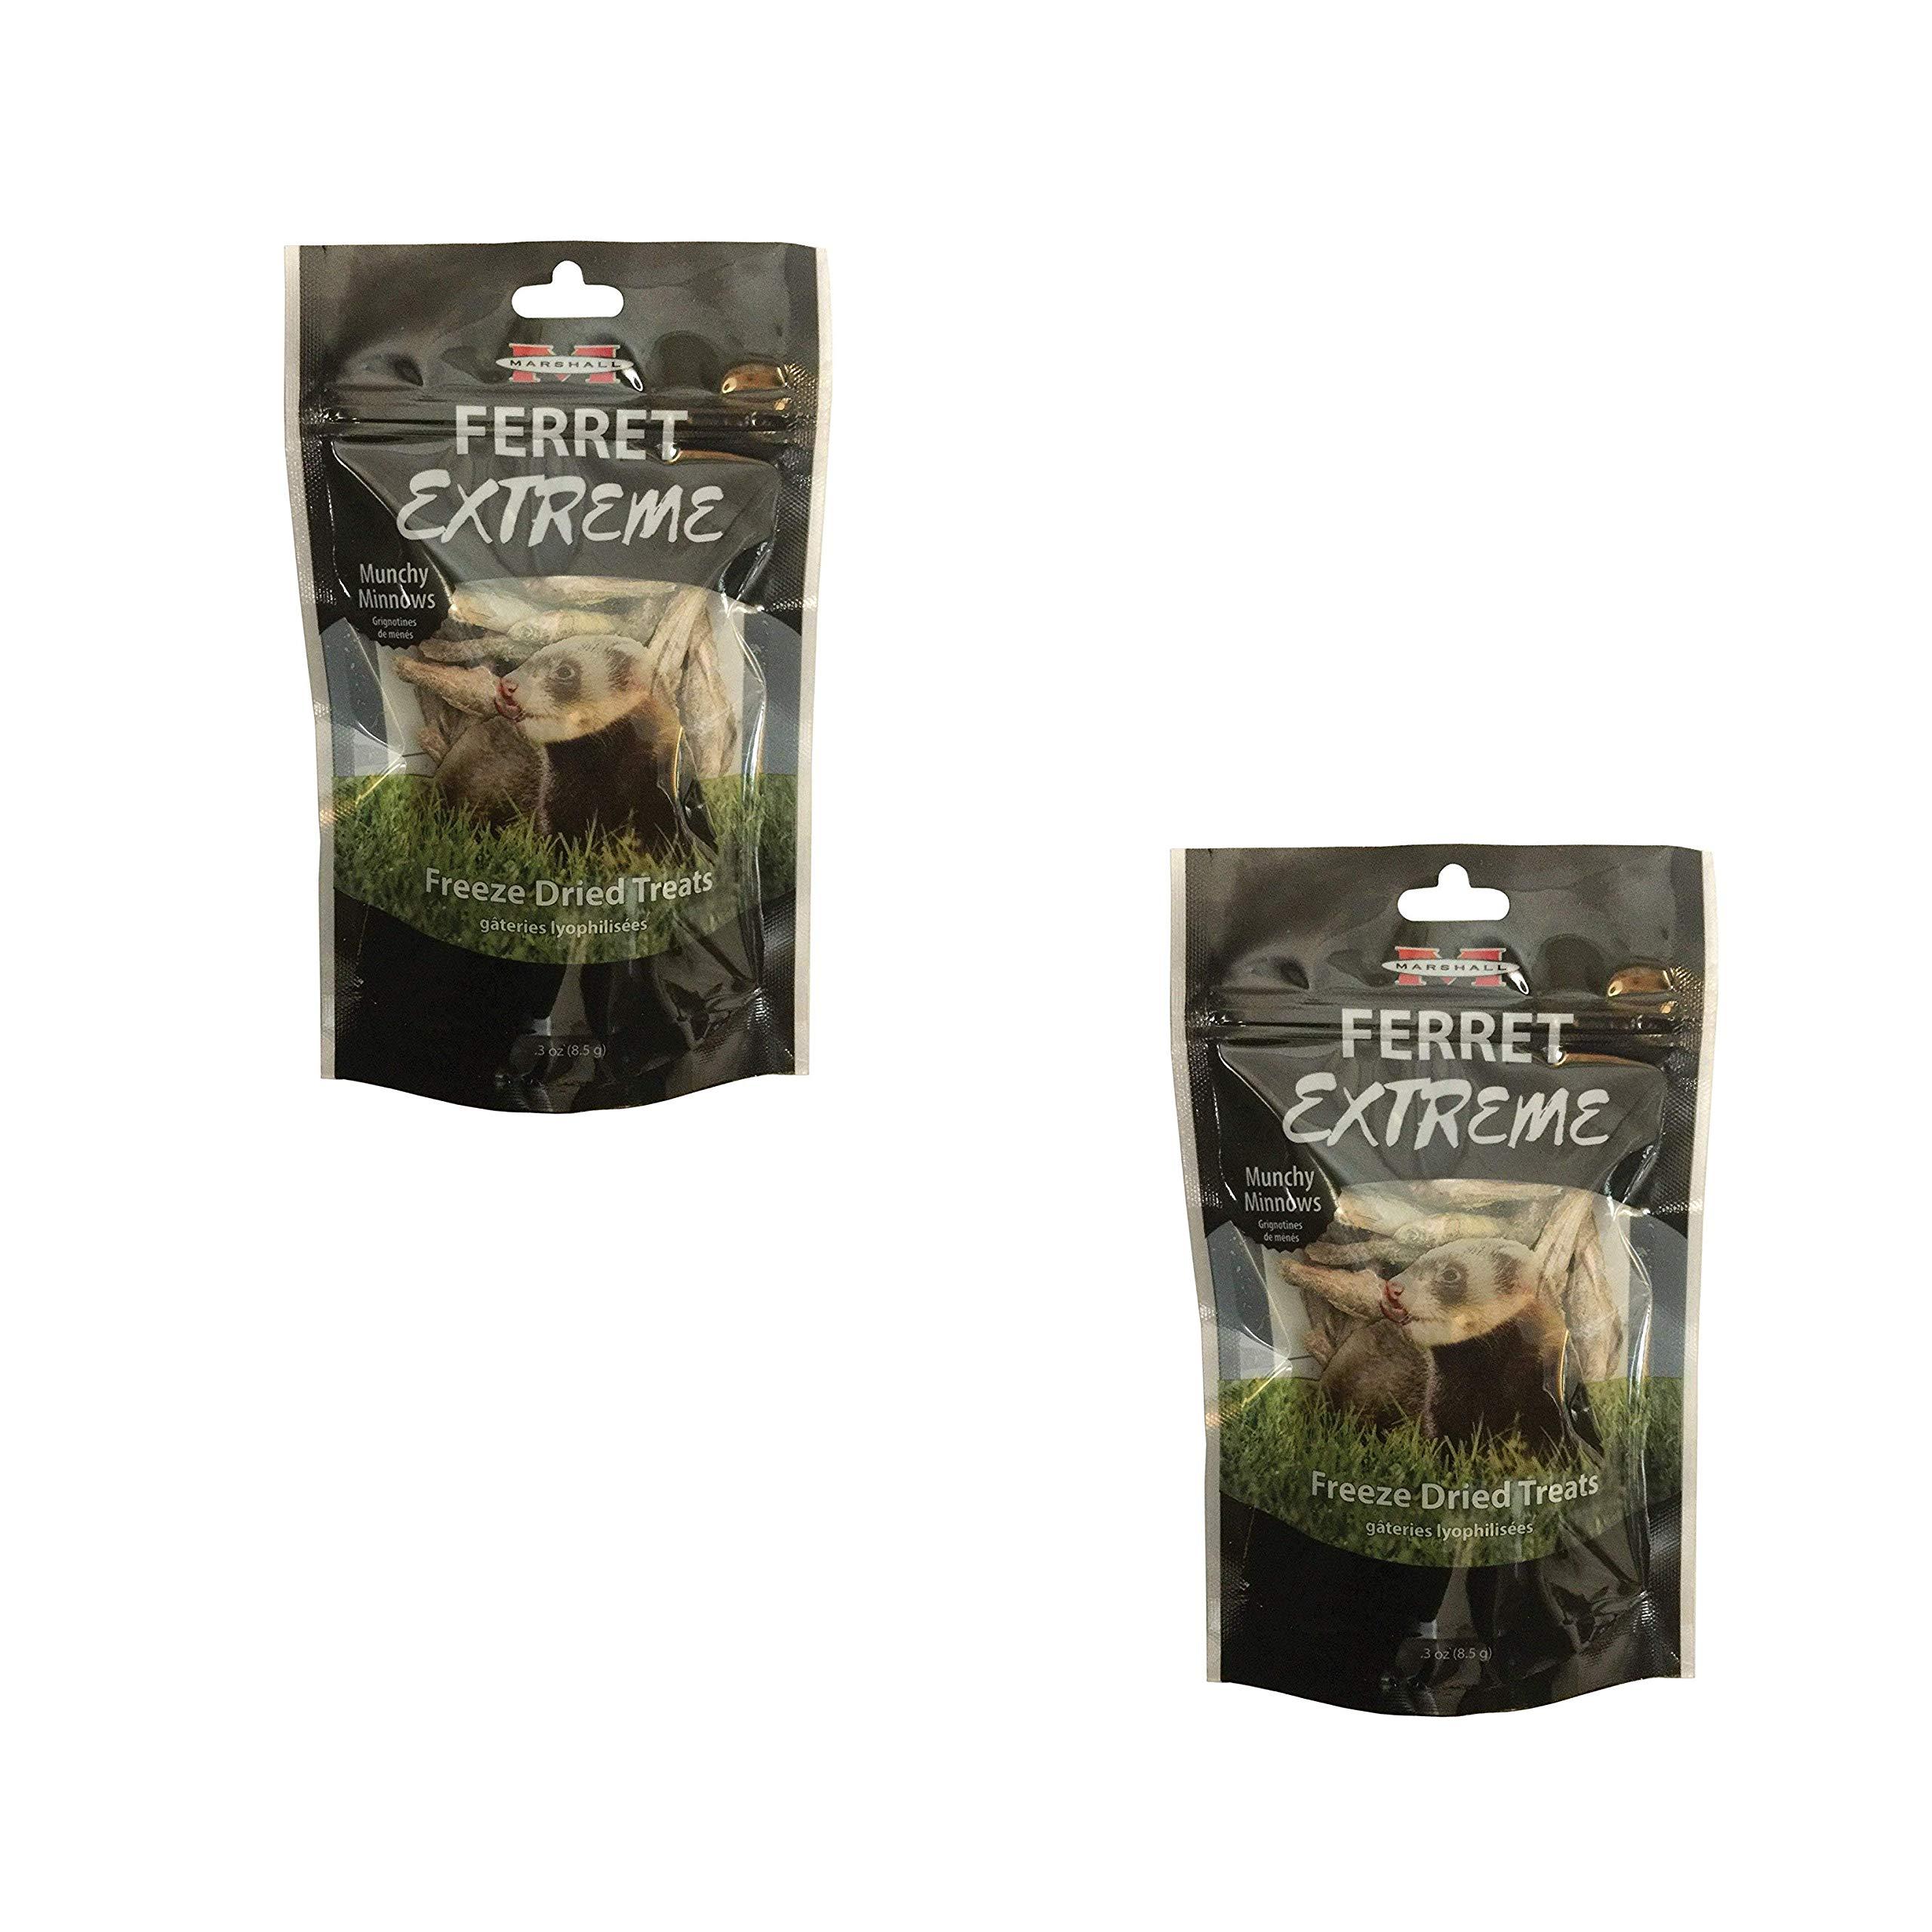 Marshall Pet Products Ferret Extreme Freeze Dried Munchy Minnows (2 Pack) by Marshall Pet Products